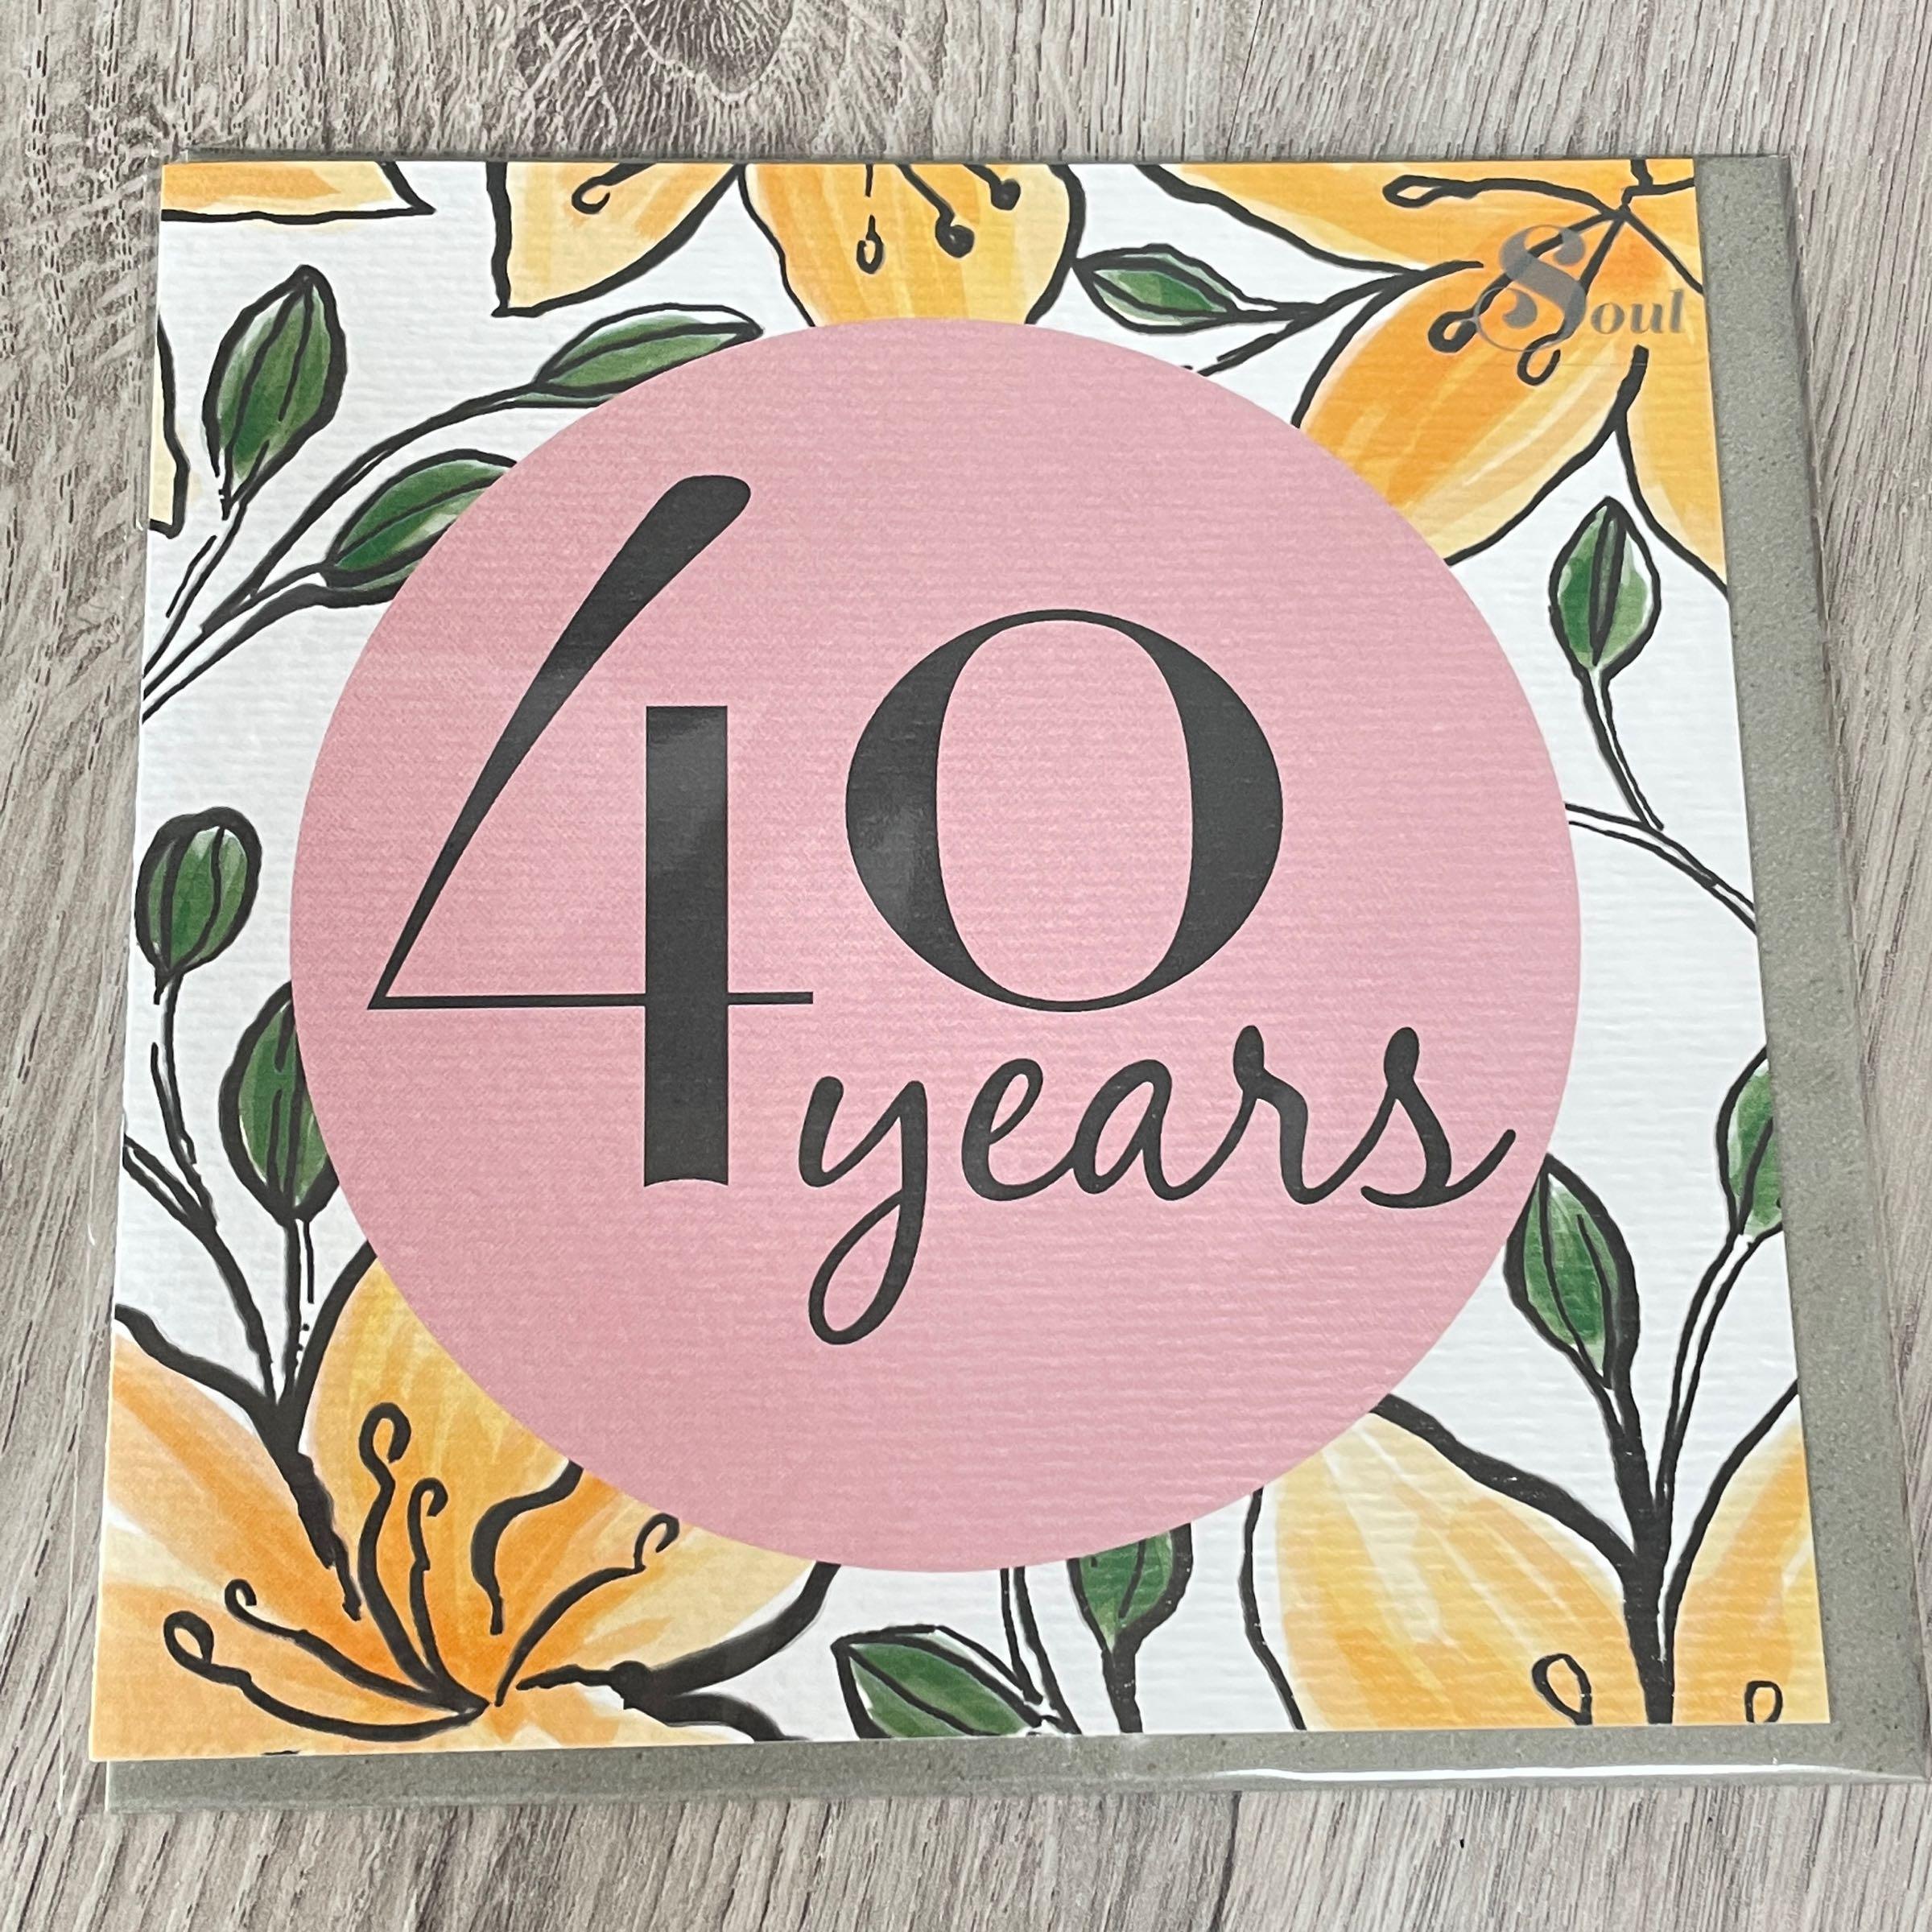 40 years. Secret garden birthday card